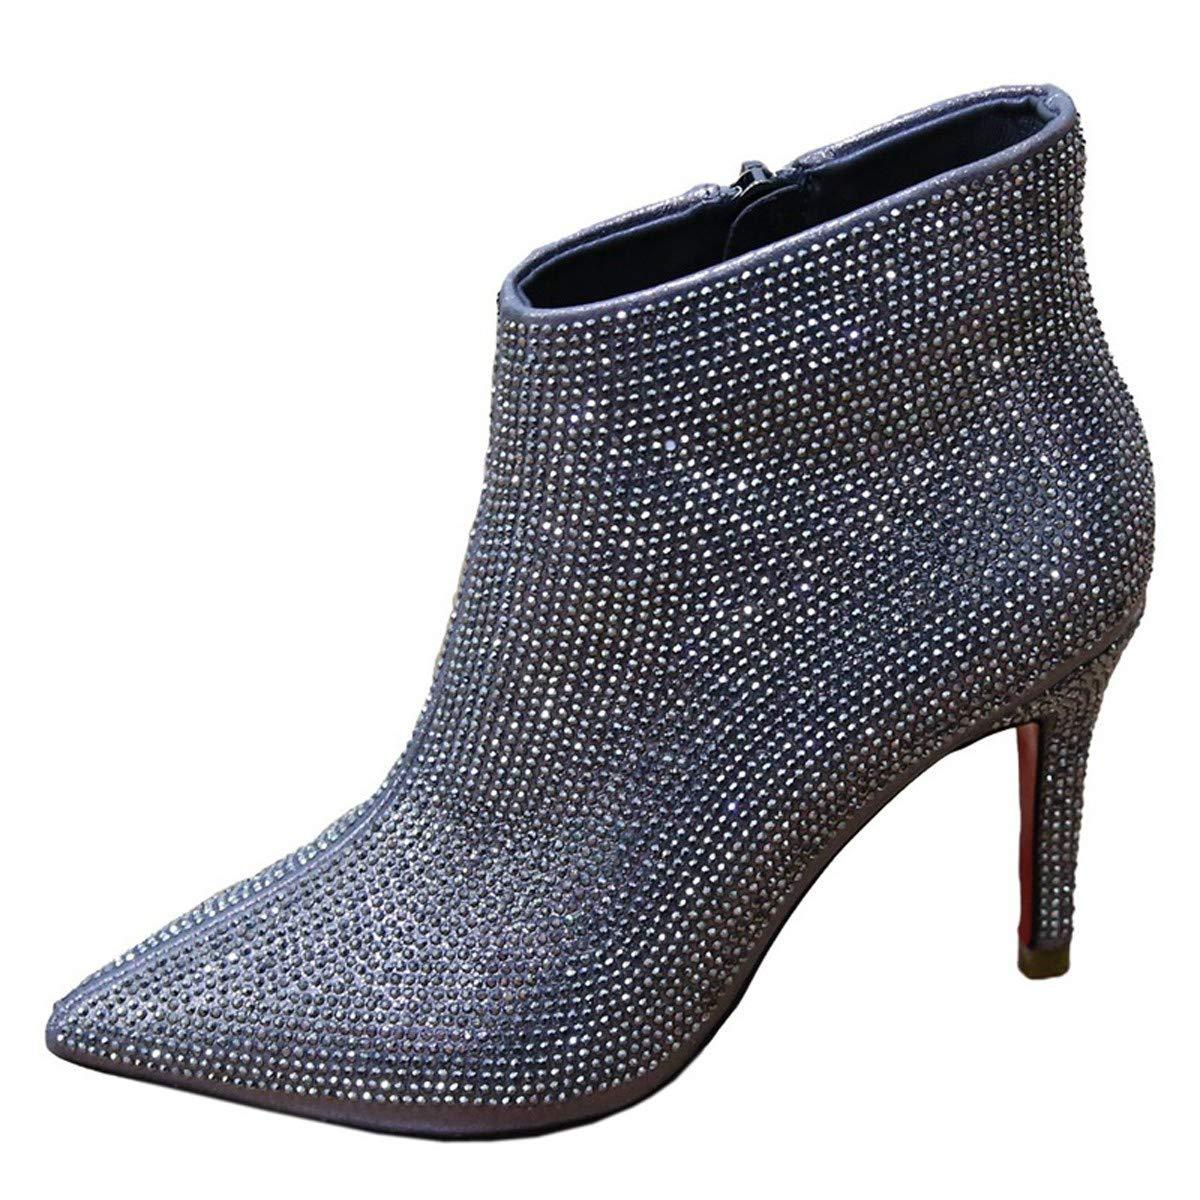 LBTSQ-Trendy Diamond Hochhackigen Schuhe Kurze Stiefel 8Cm Reißverschluss Wies Kopf Dünne Sohle Ma Dingxue.